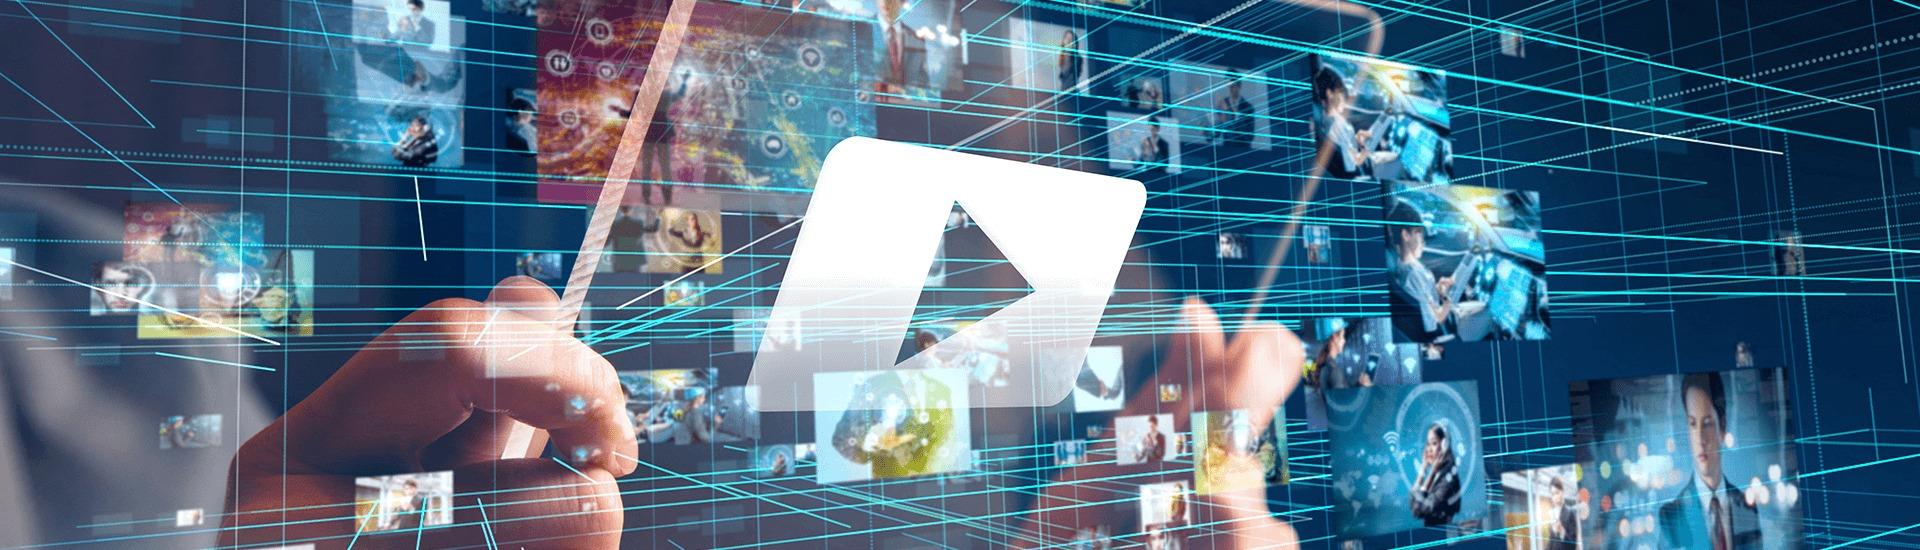 Transformation numérique : 5 éléments clés pour réussir